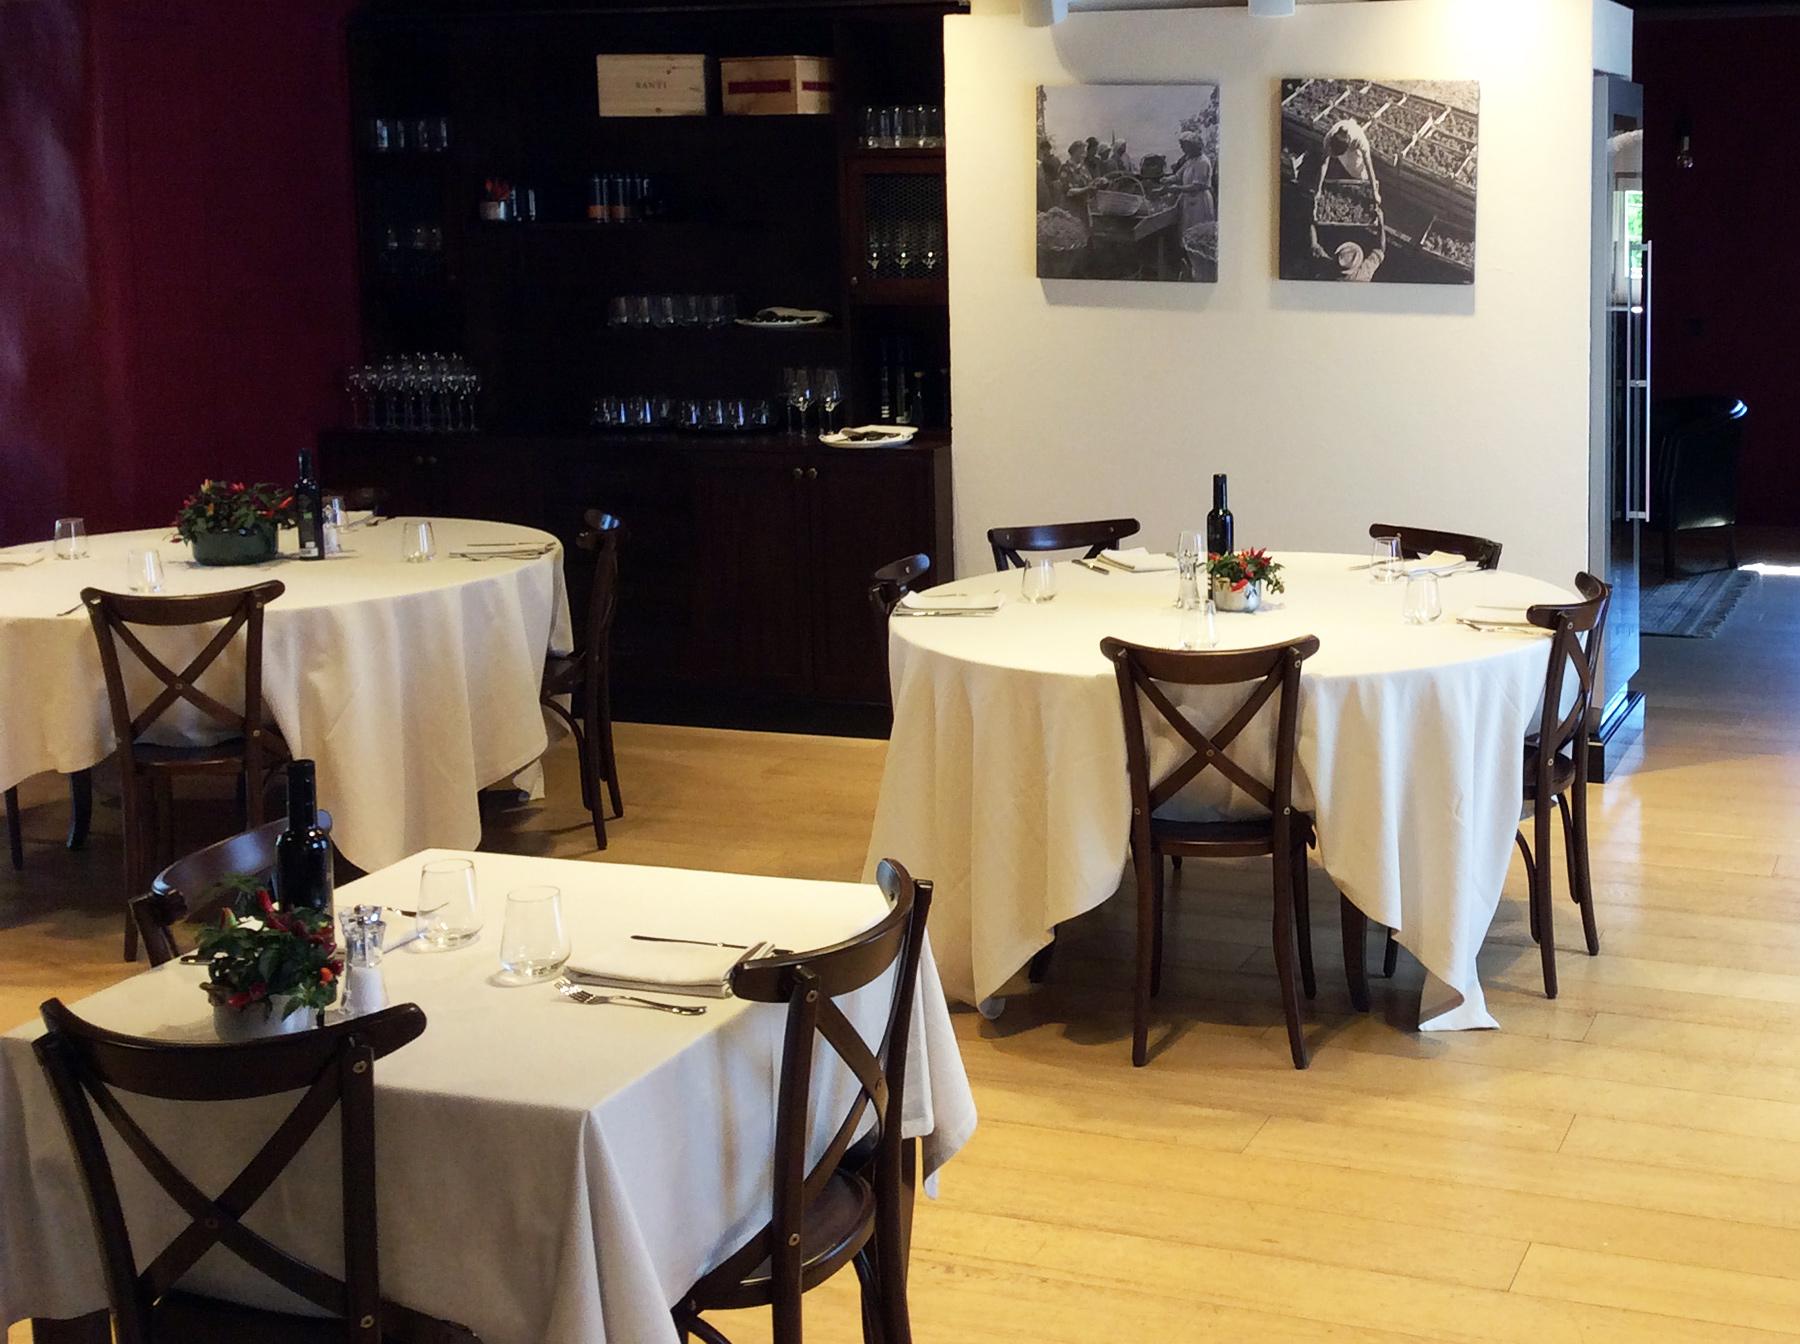 6-Sala-risotrante-con-tavoli-sedie-e-madia